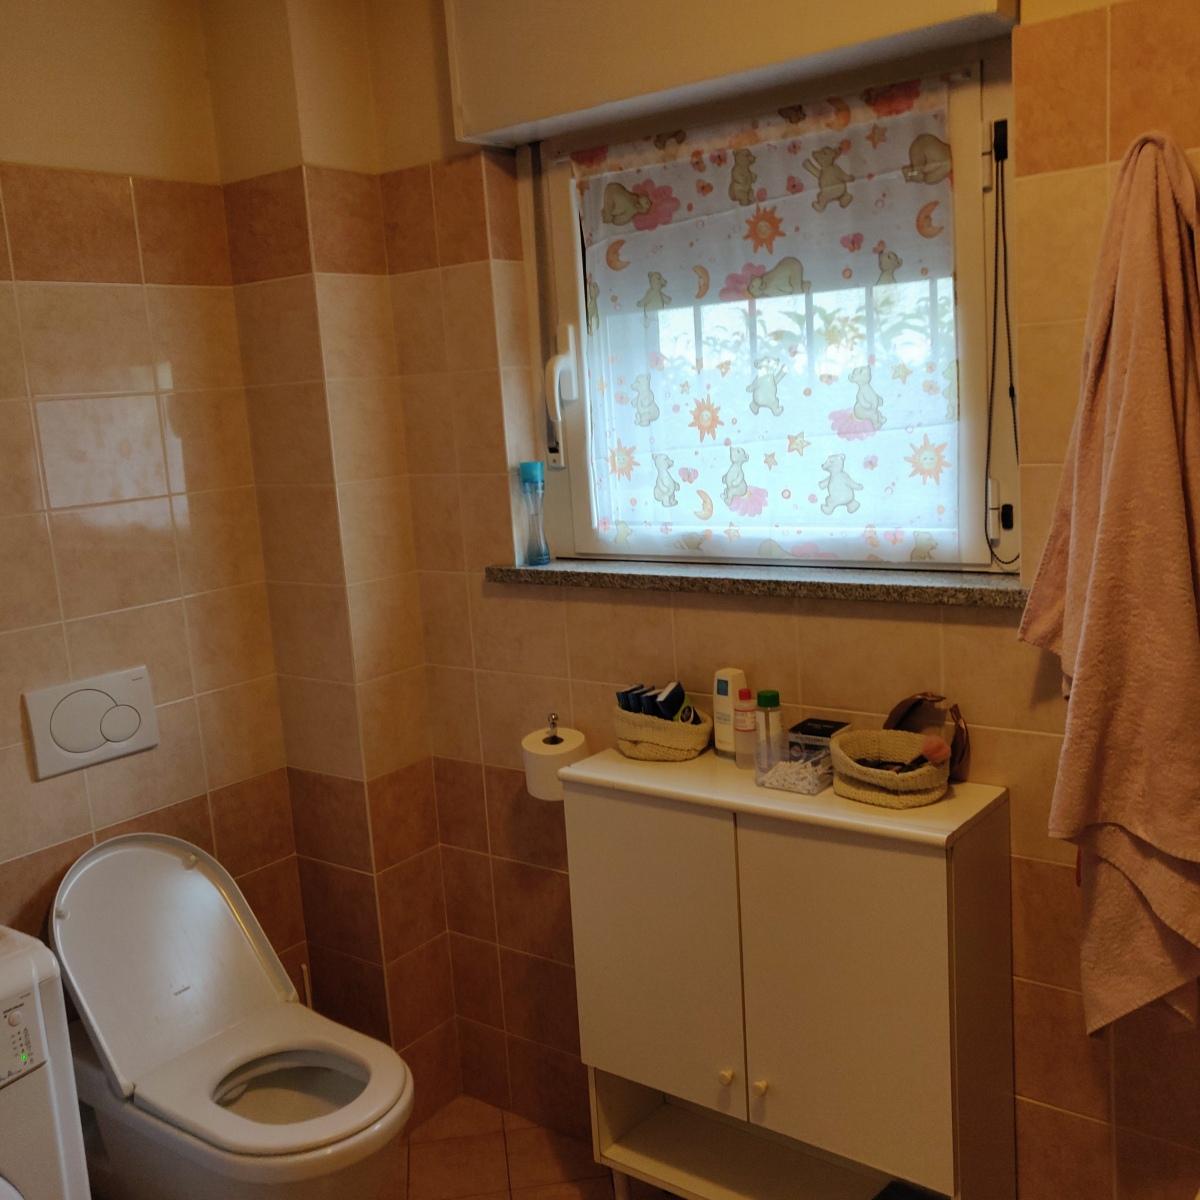 appartamento-in-vendita-milano-via-forze-armate-recente-costruzione-4-locali-spaziourbano-immobiliare-vende-13